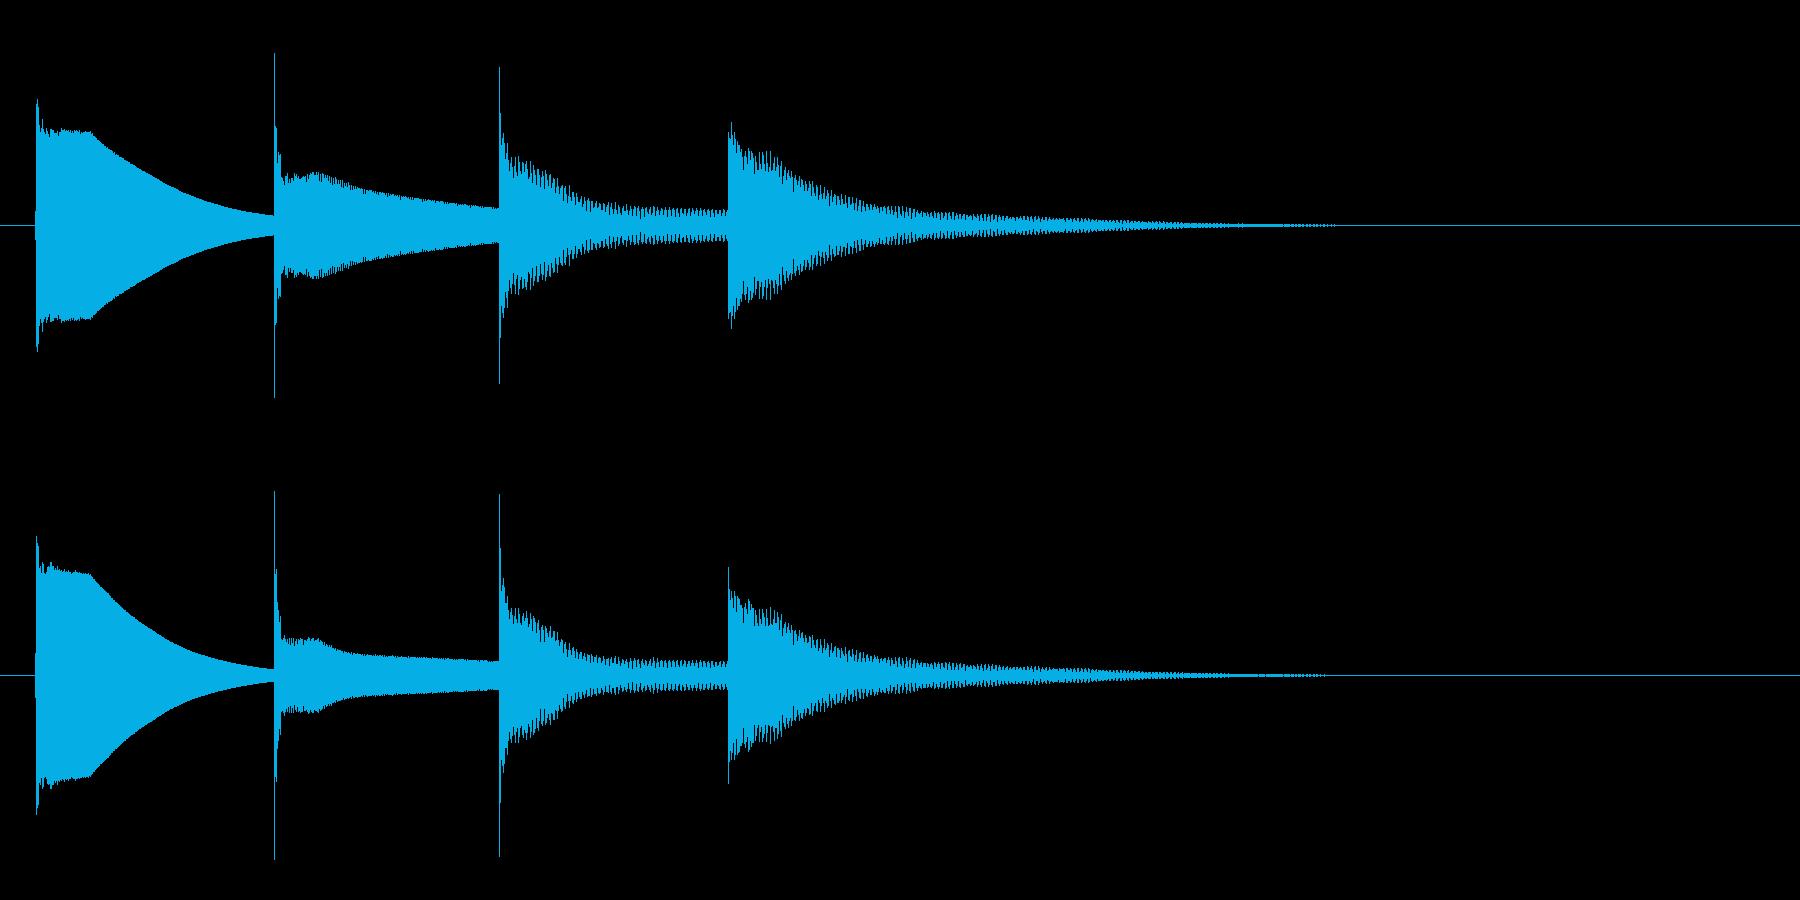 下りチャイム(ラミドラ)の再生済みの波形